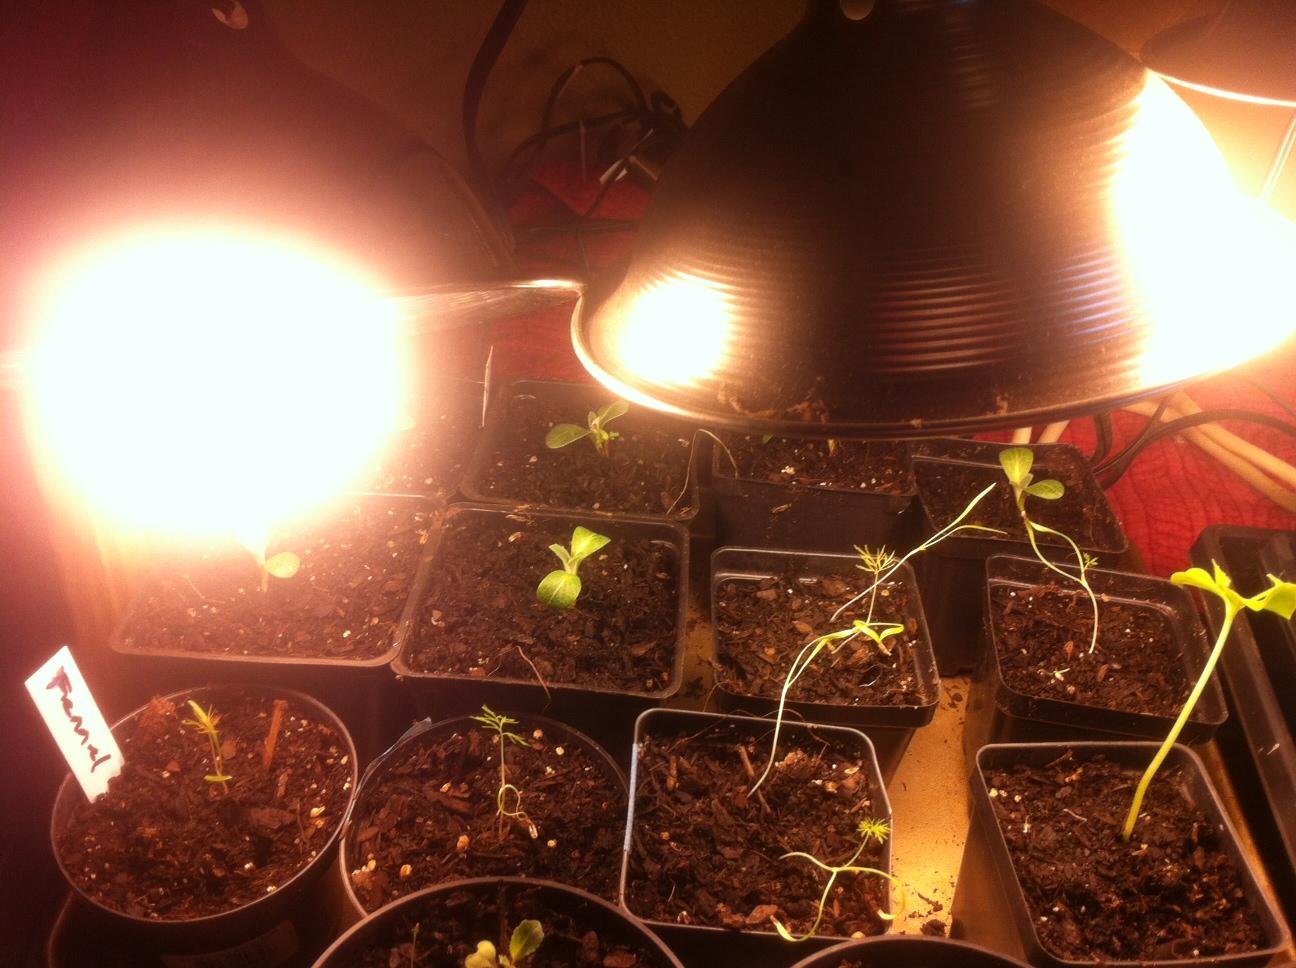 seedtrays